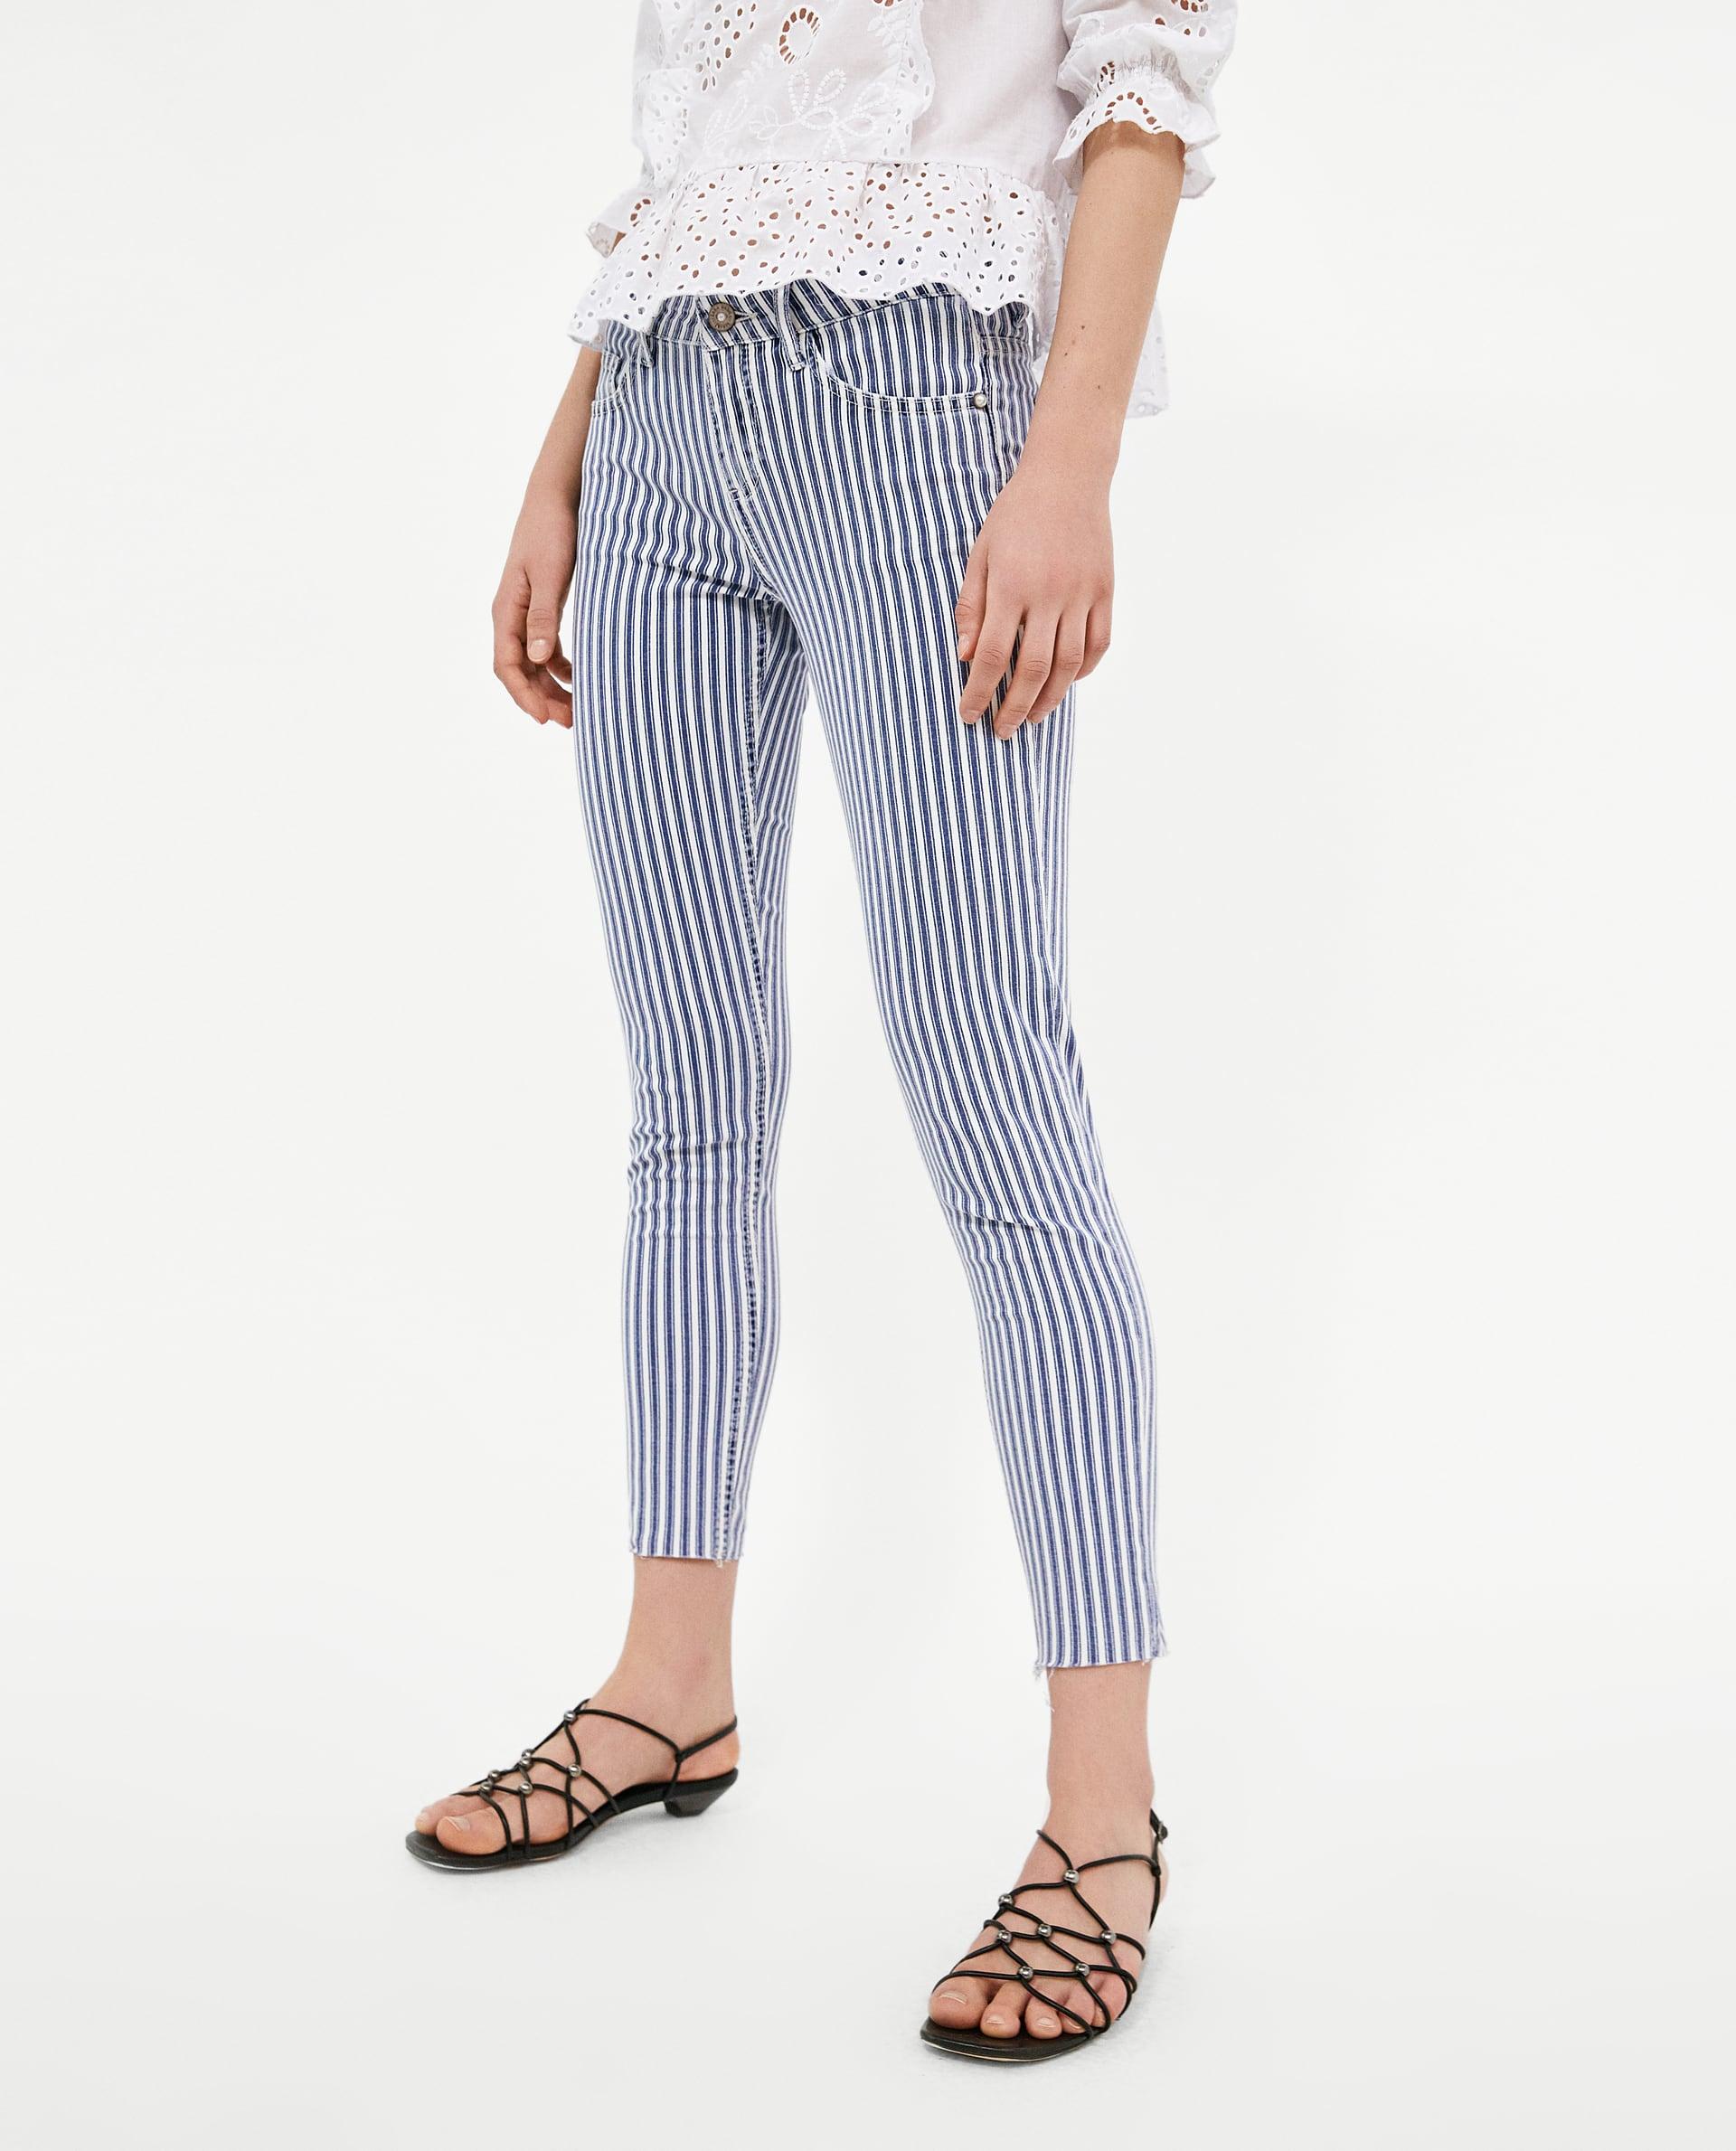 pantalones rayados zara